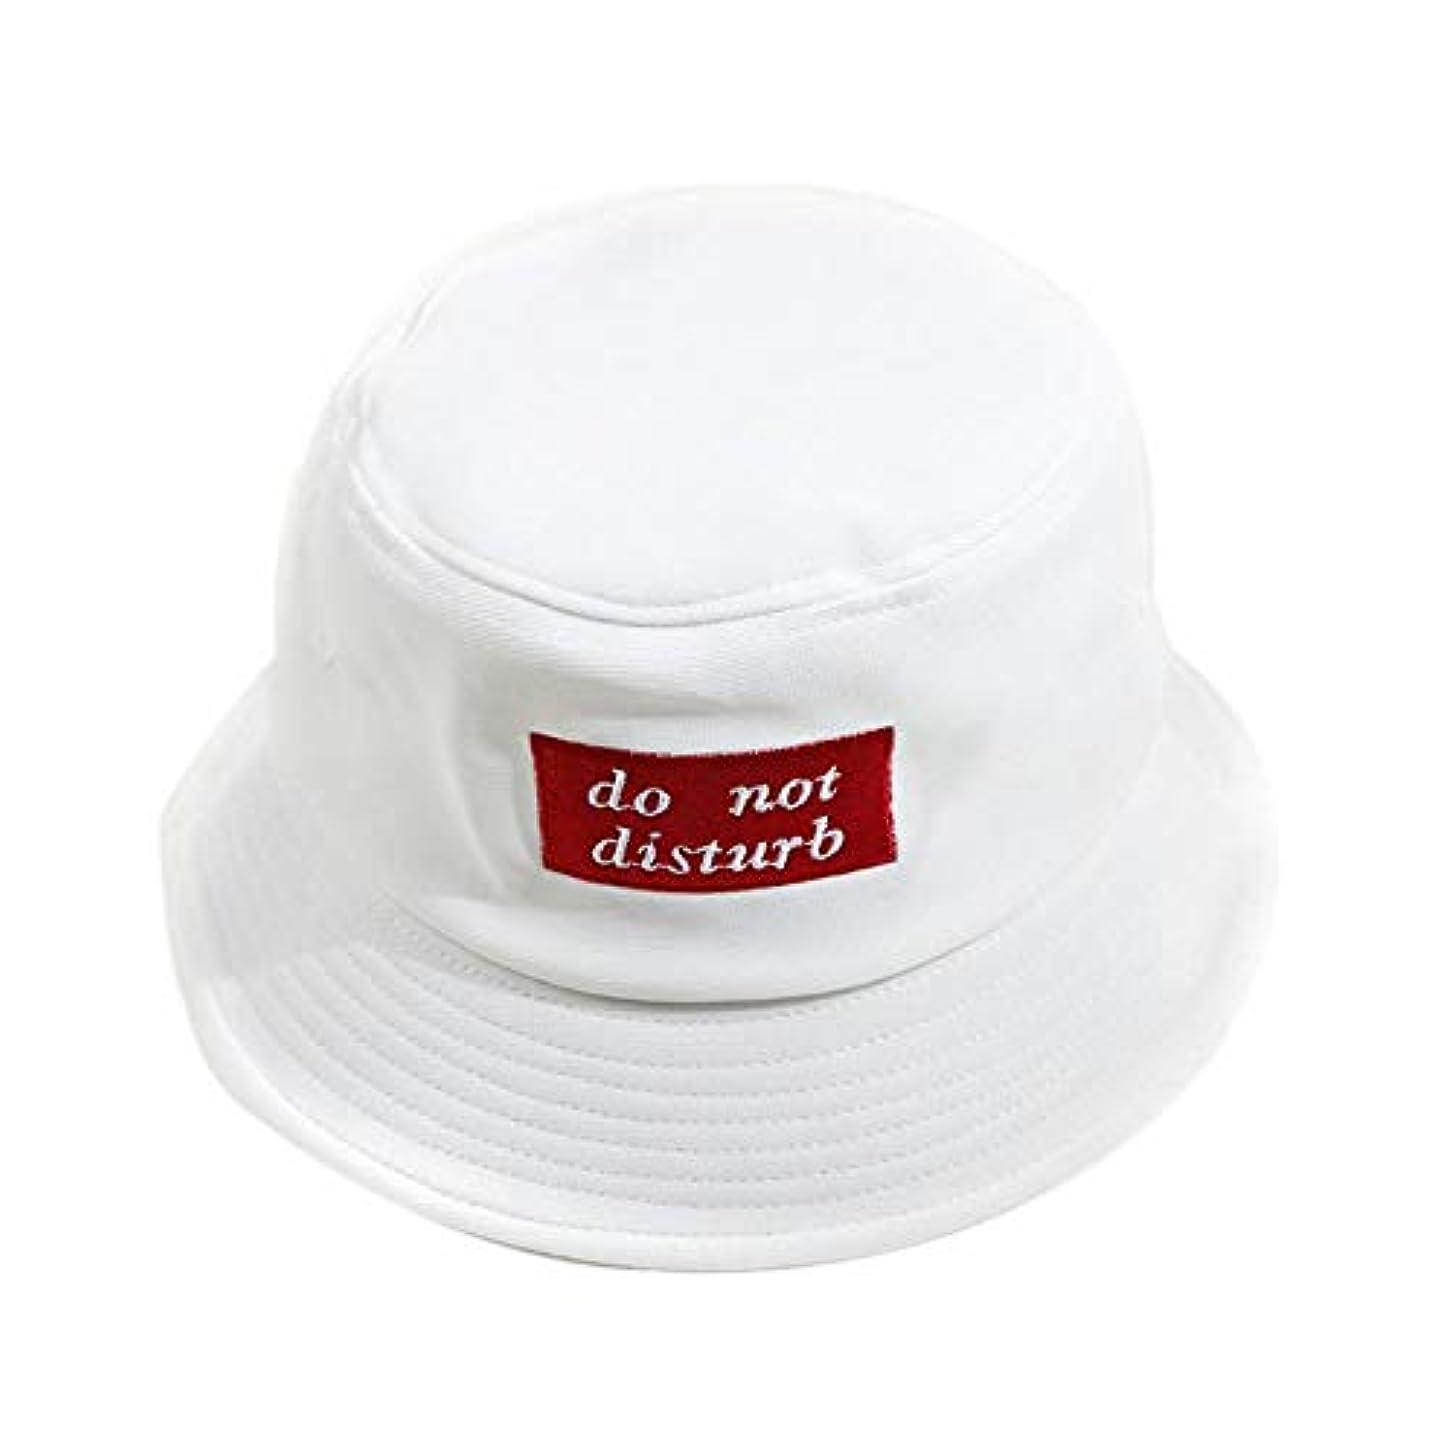 試してみるパステル論理Beuway(ビーユーウェー) バケットハット 日よけ帽子 折り畳み カジュアル ブランド 帽子 フリーサイズ 釣りハット 男女兼用 日焼け防止 紫外線対策 通気 薄地 取り外し 調節可能 アウトドア作業 ウォーキング